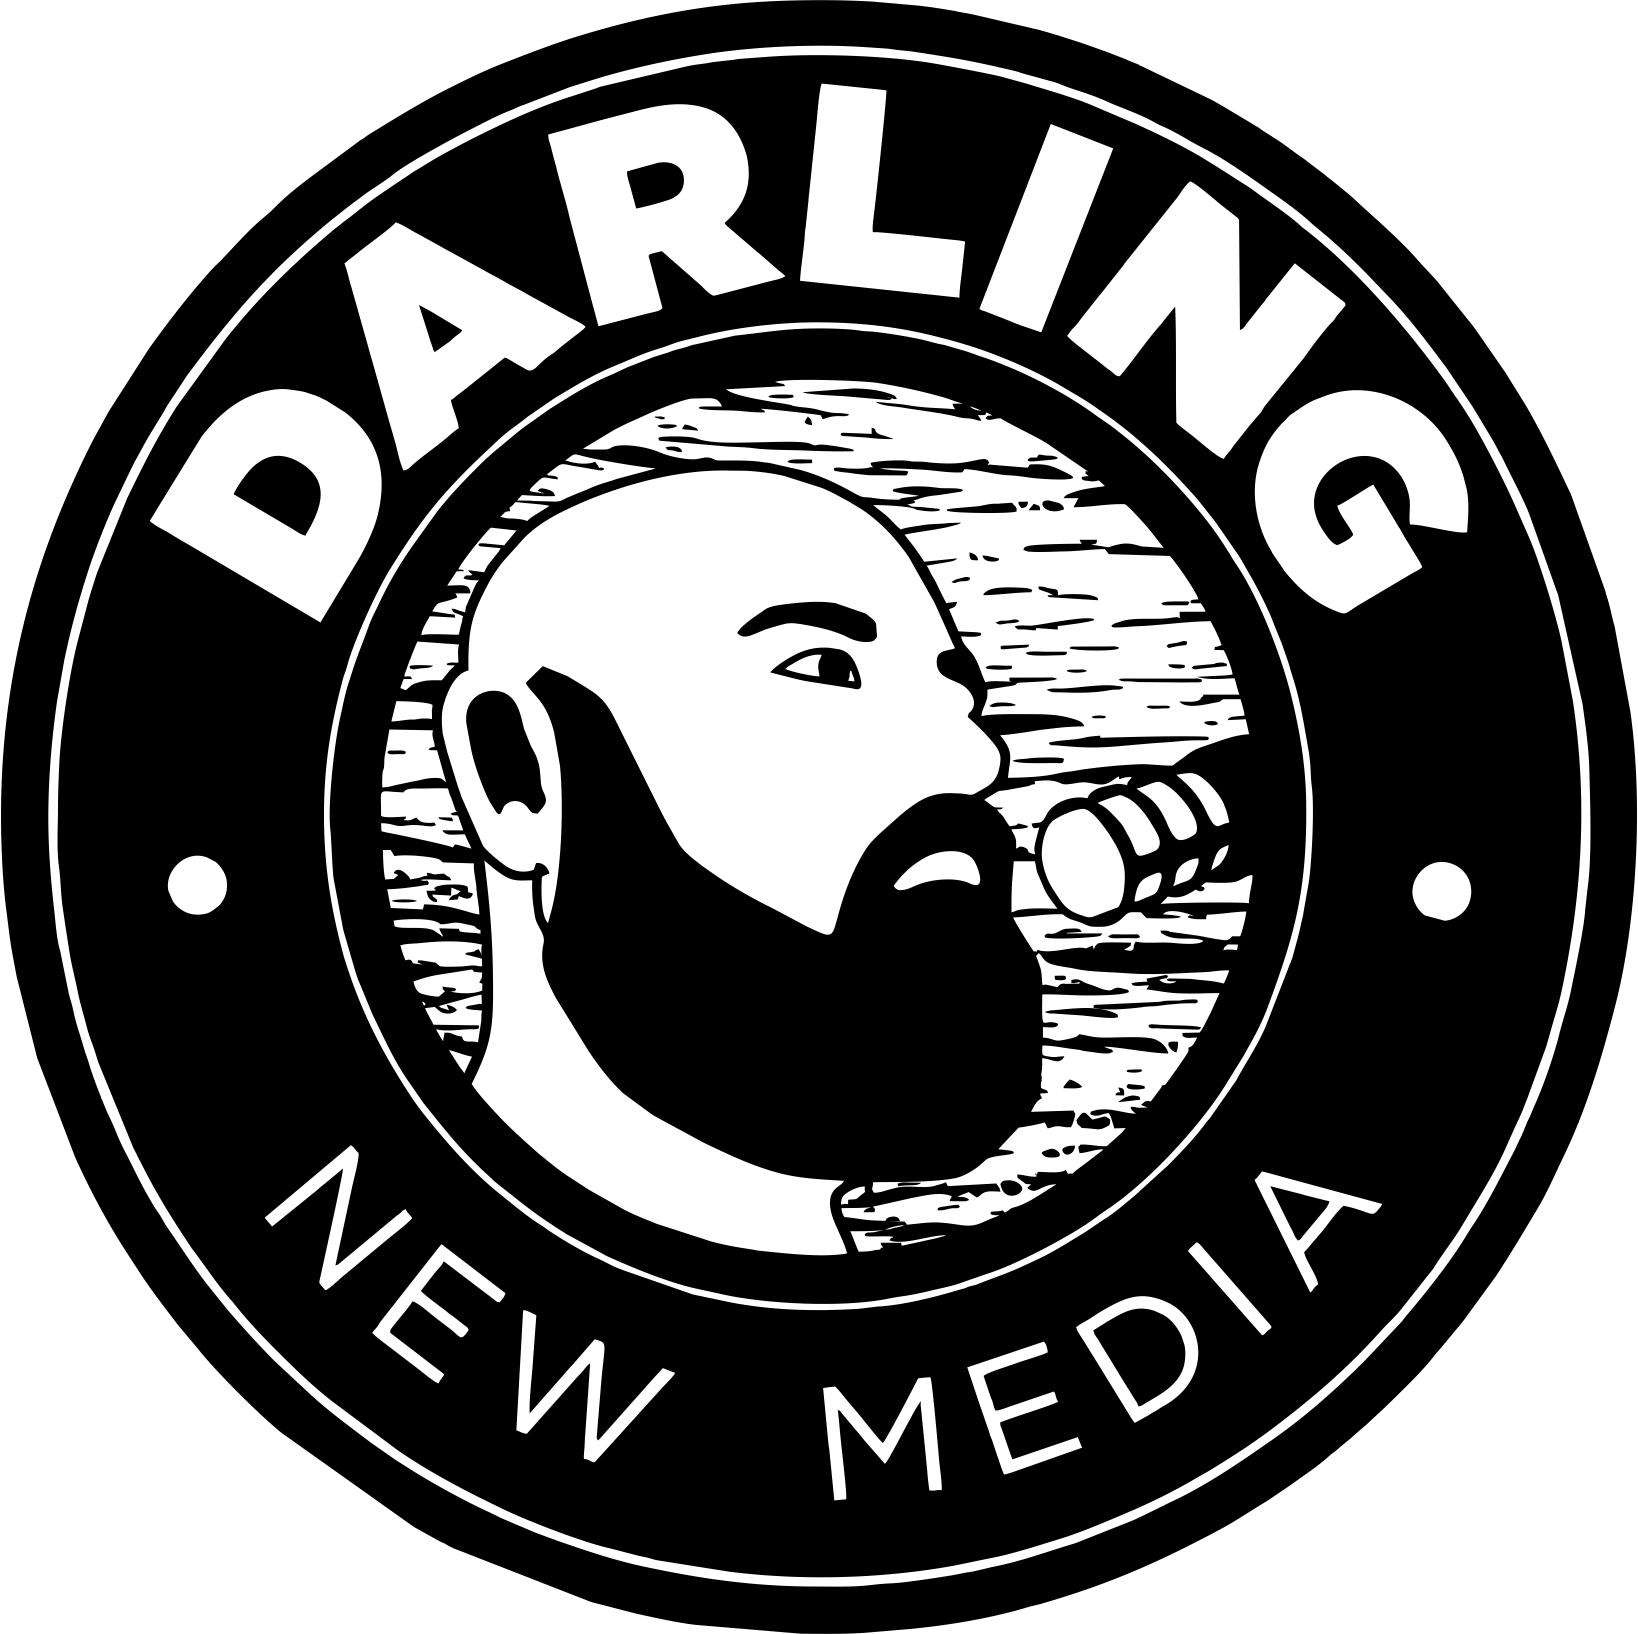 Darling New Media